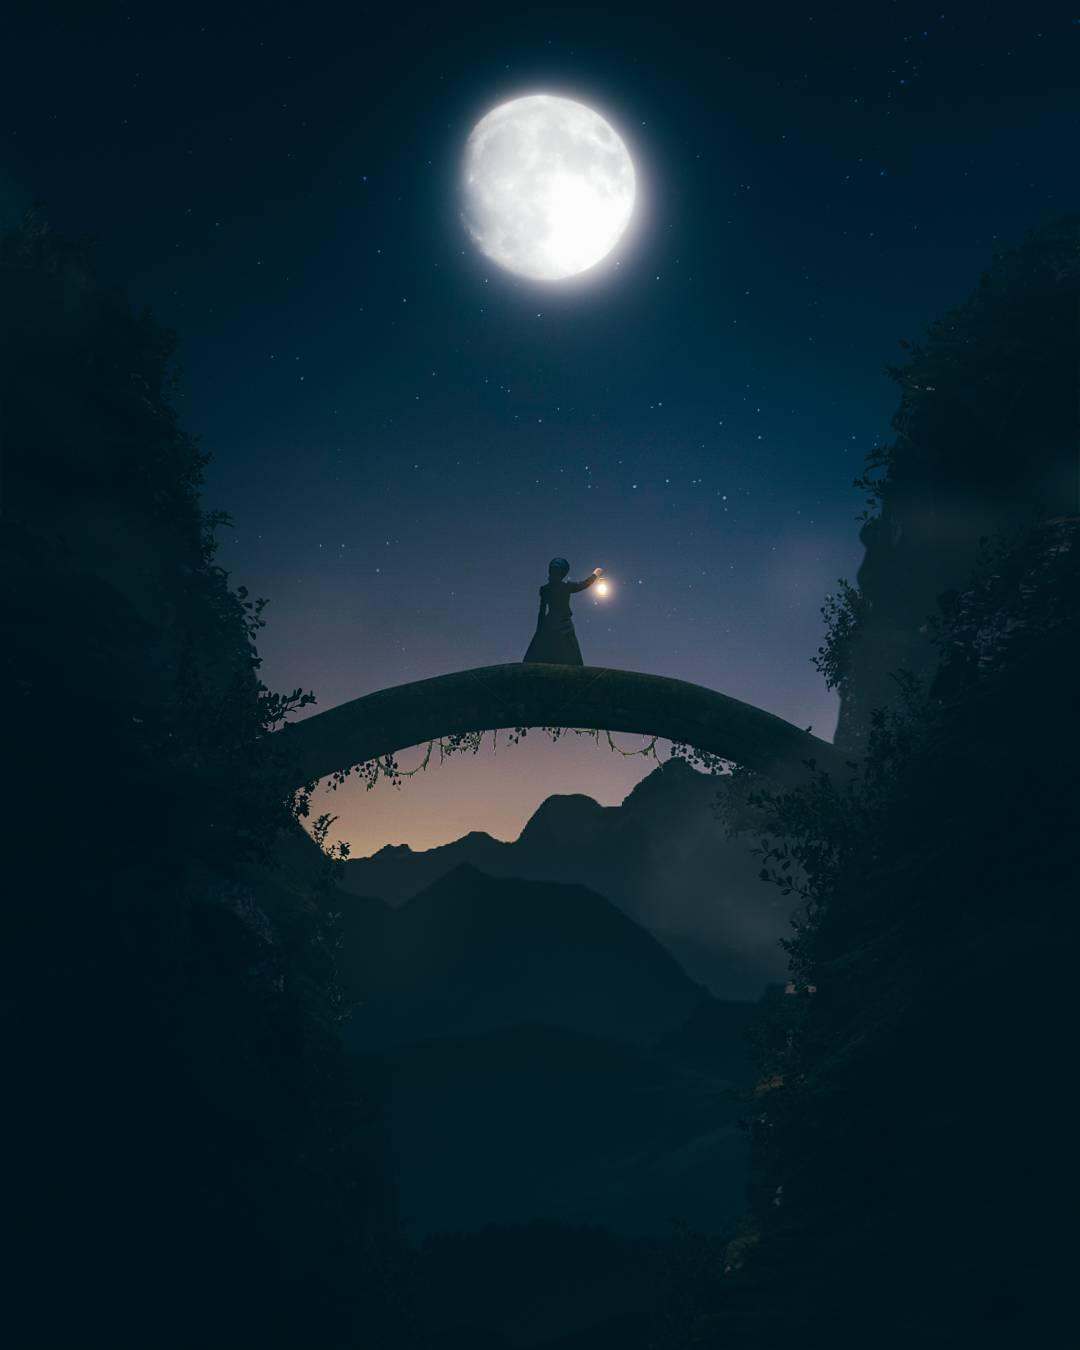 Сказочные фотоманипуляции Keane Luong